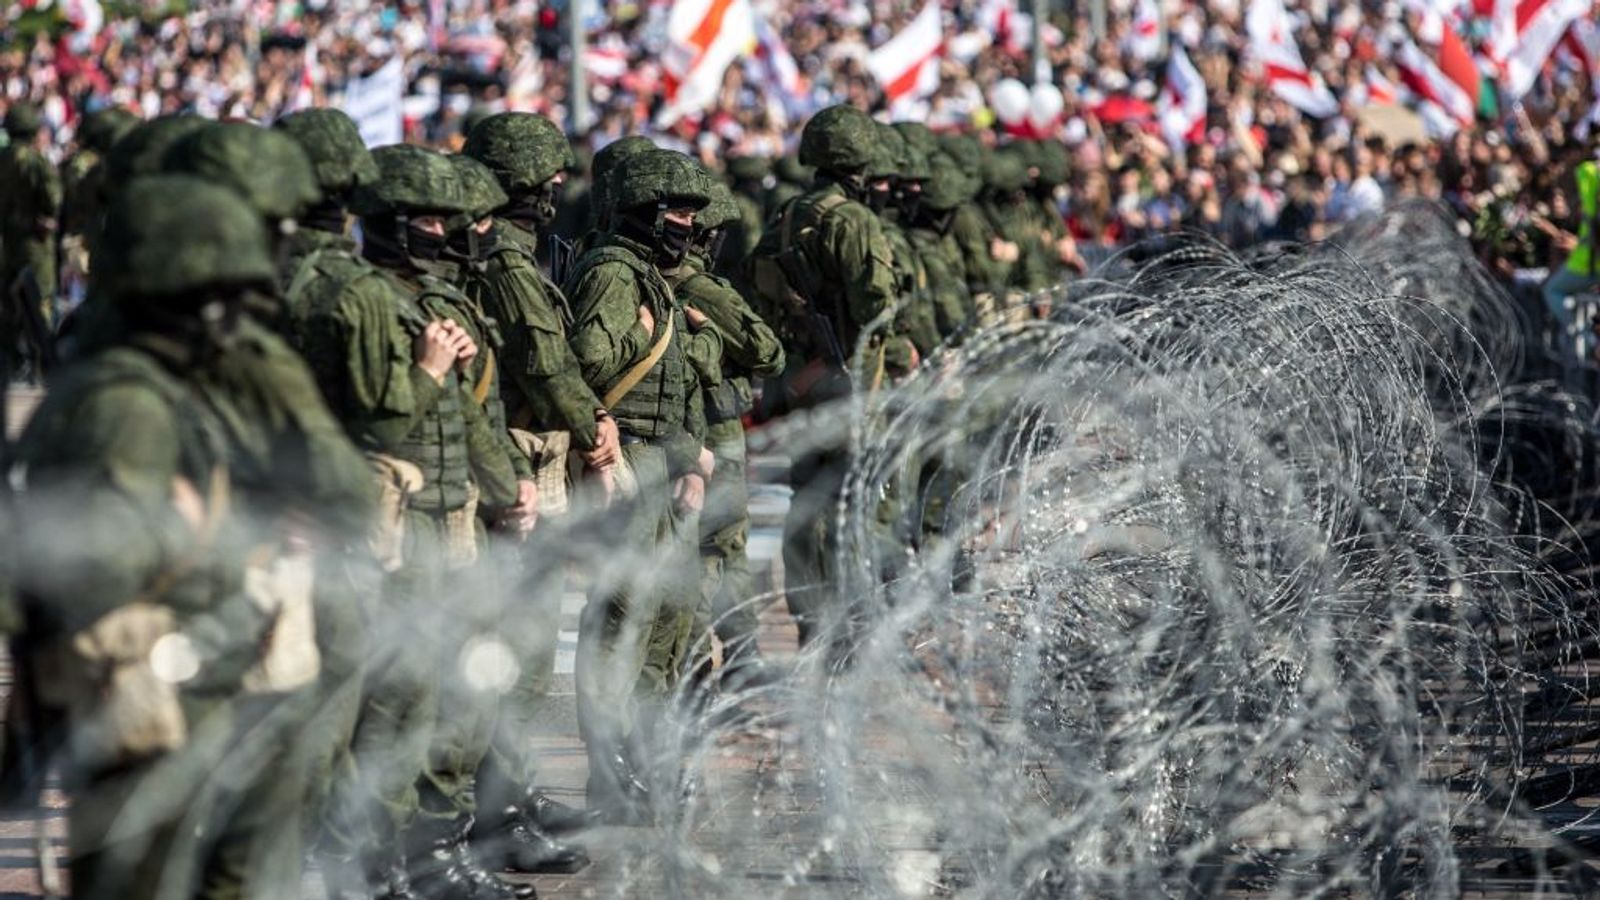 تظاهرات در بلاروس با شعار تولدت مبارک خائن برای الکساندر لوکاشنکو